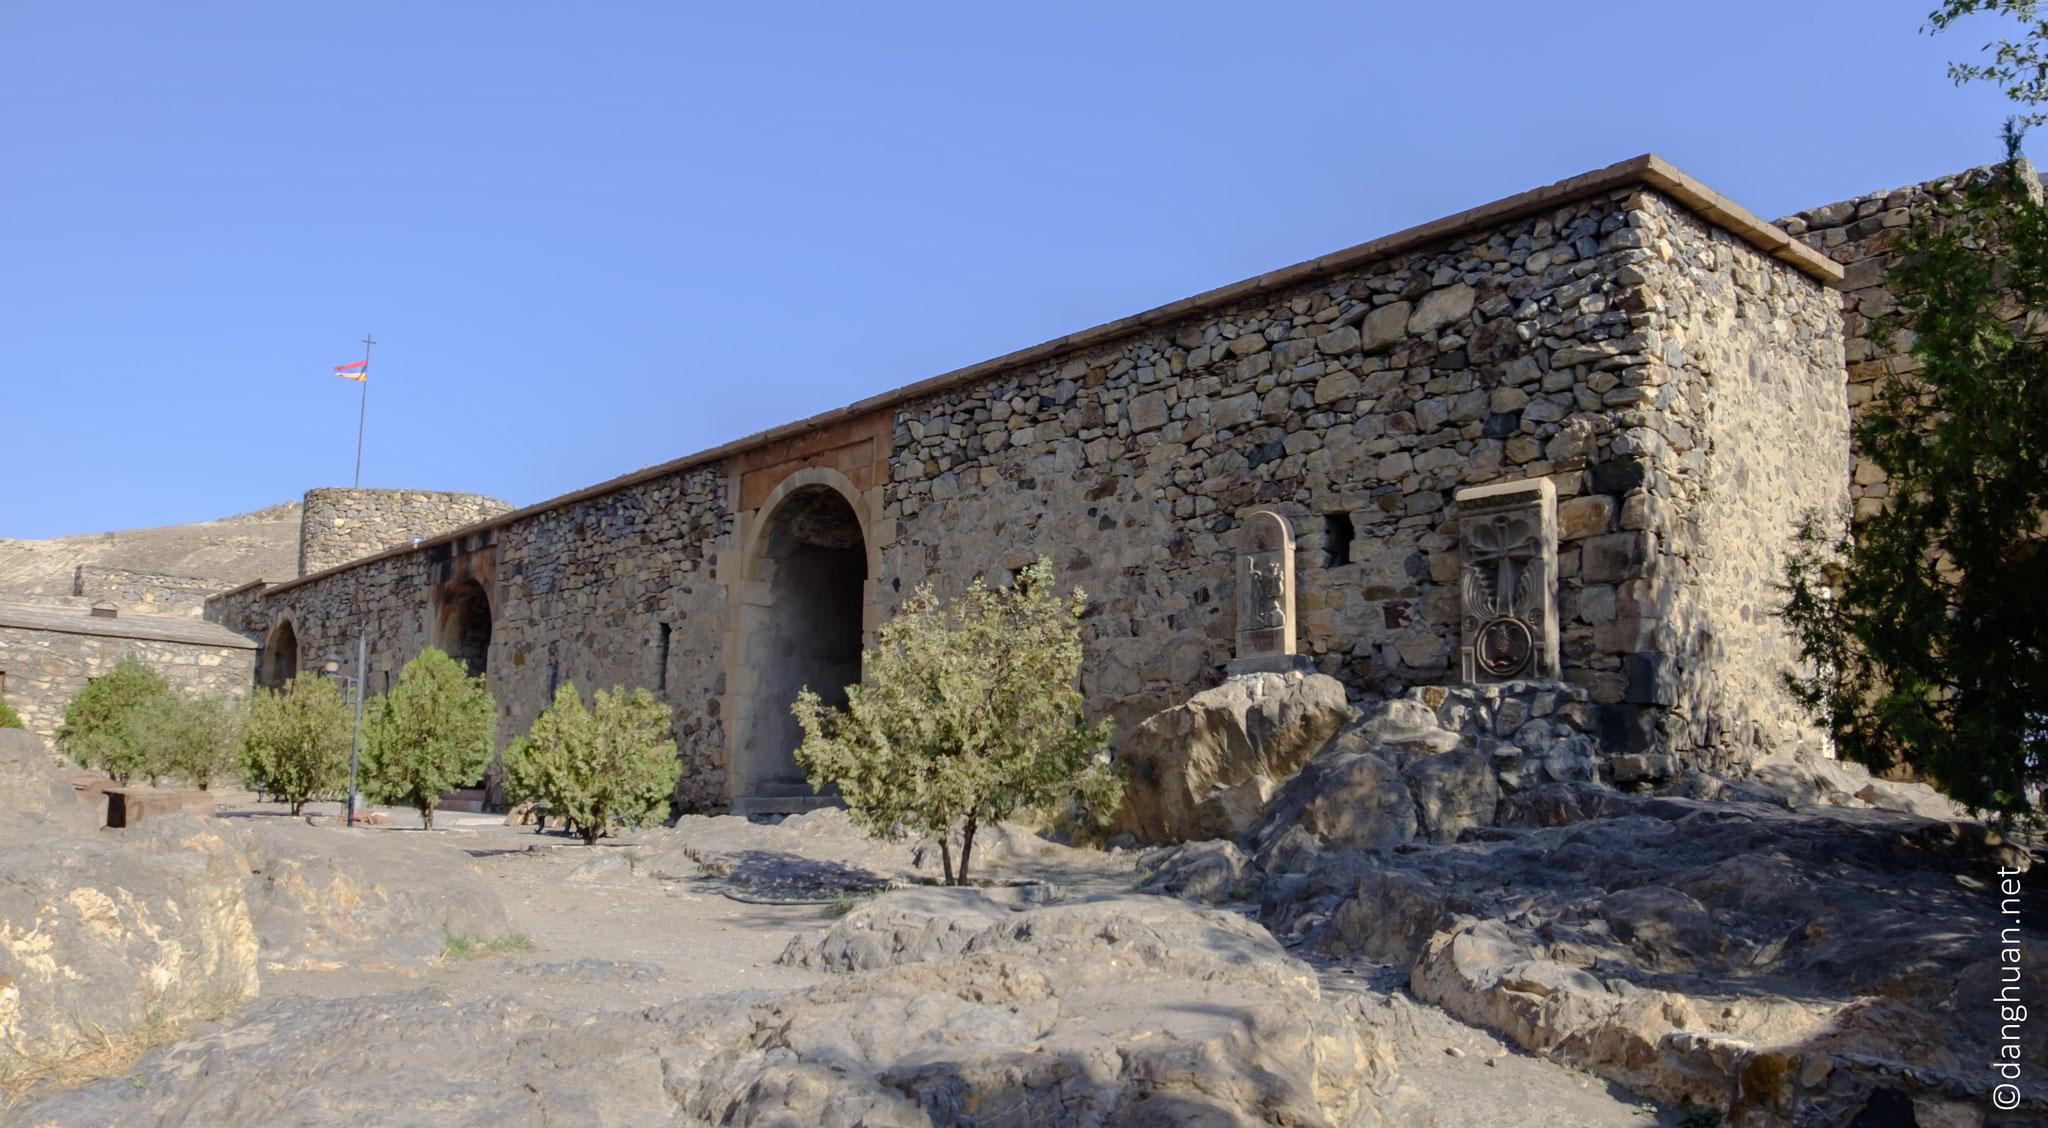 ... du christianisme par l'Arménie en tant que religion d'Etat